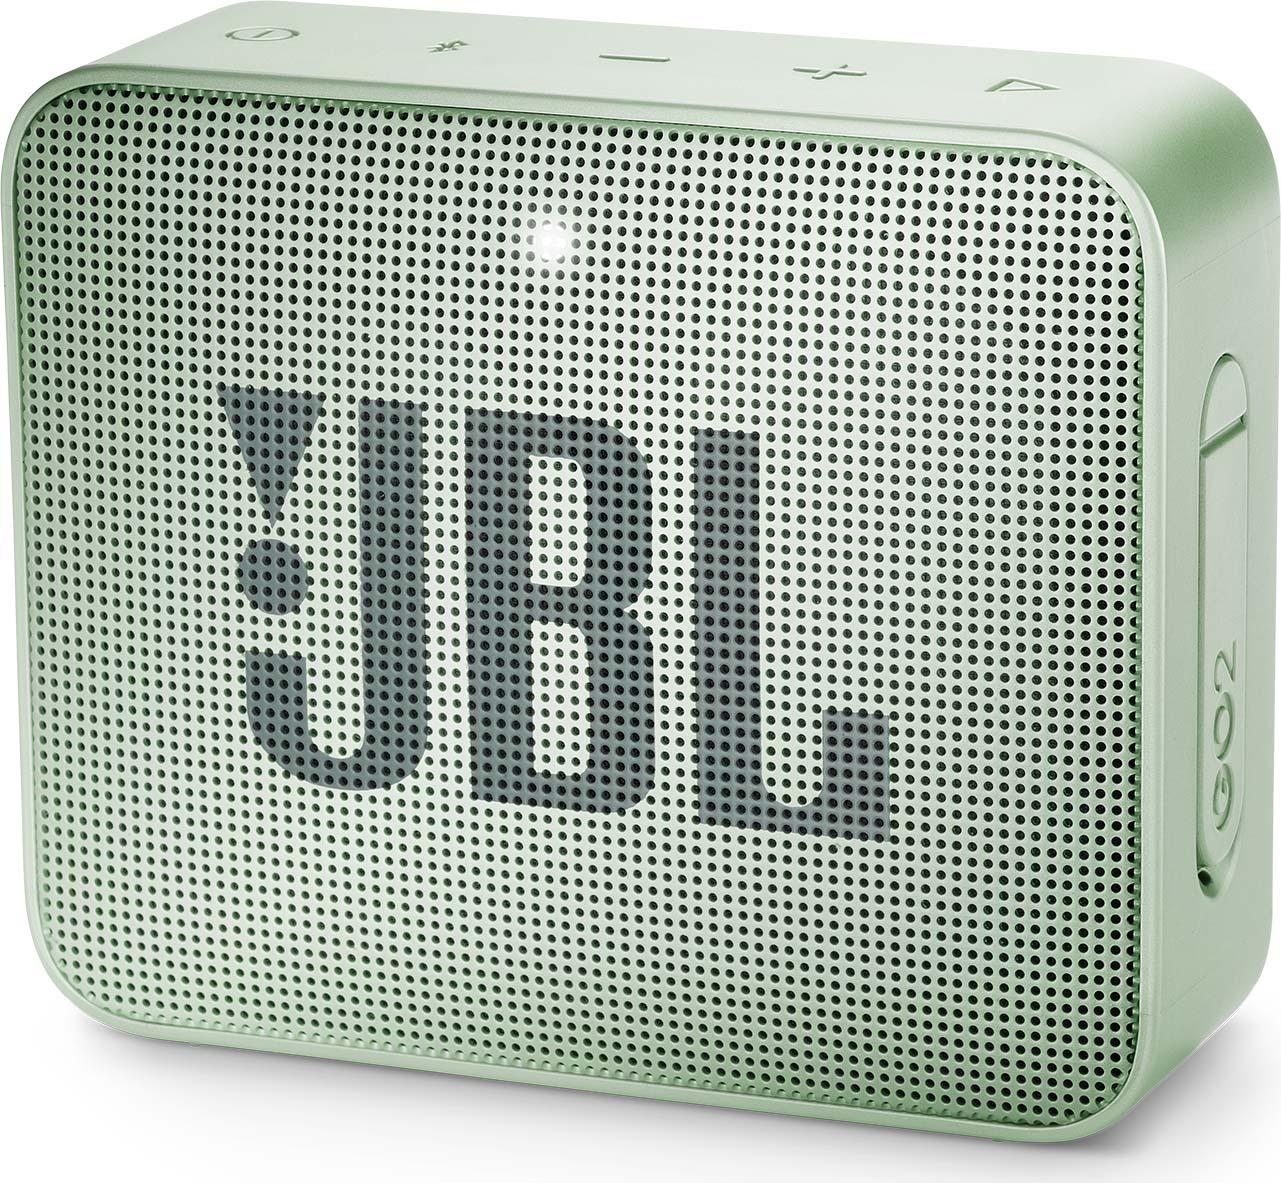 Беспроводная колонка JBL Go 2, Mint logitech ue megaboom беспроводной bluetooth ipx7 водонепроницаемый дизайн большой размер портативный динамик фиолетовый